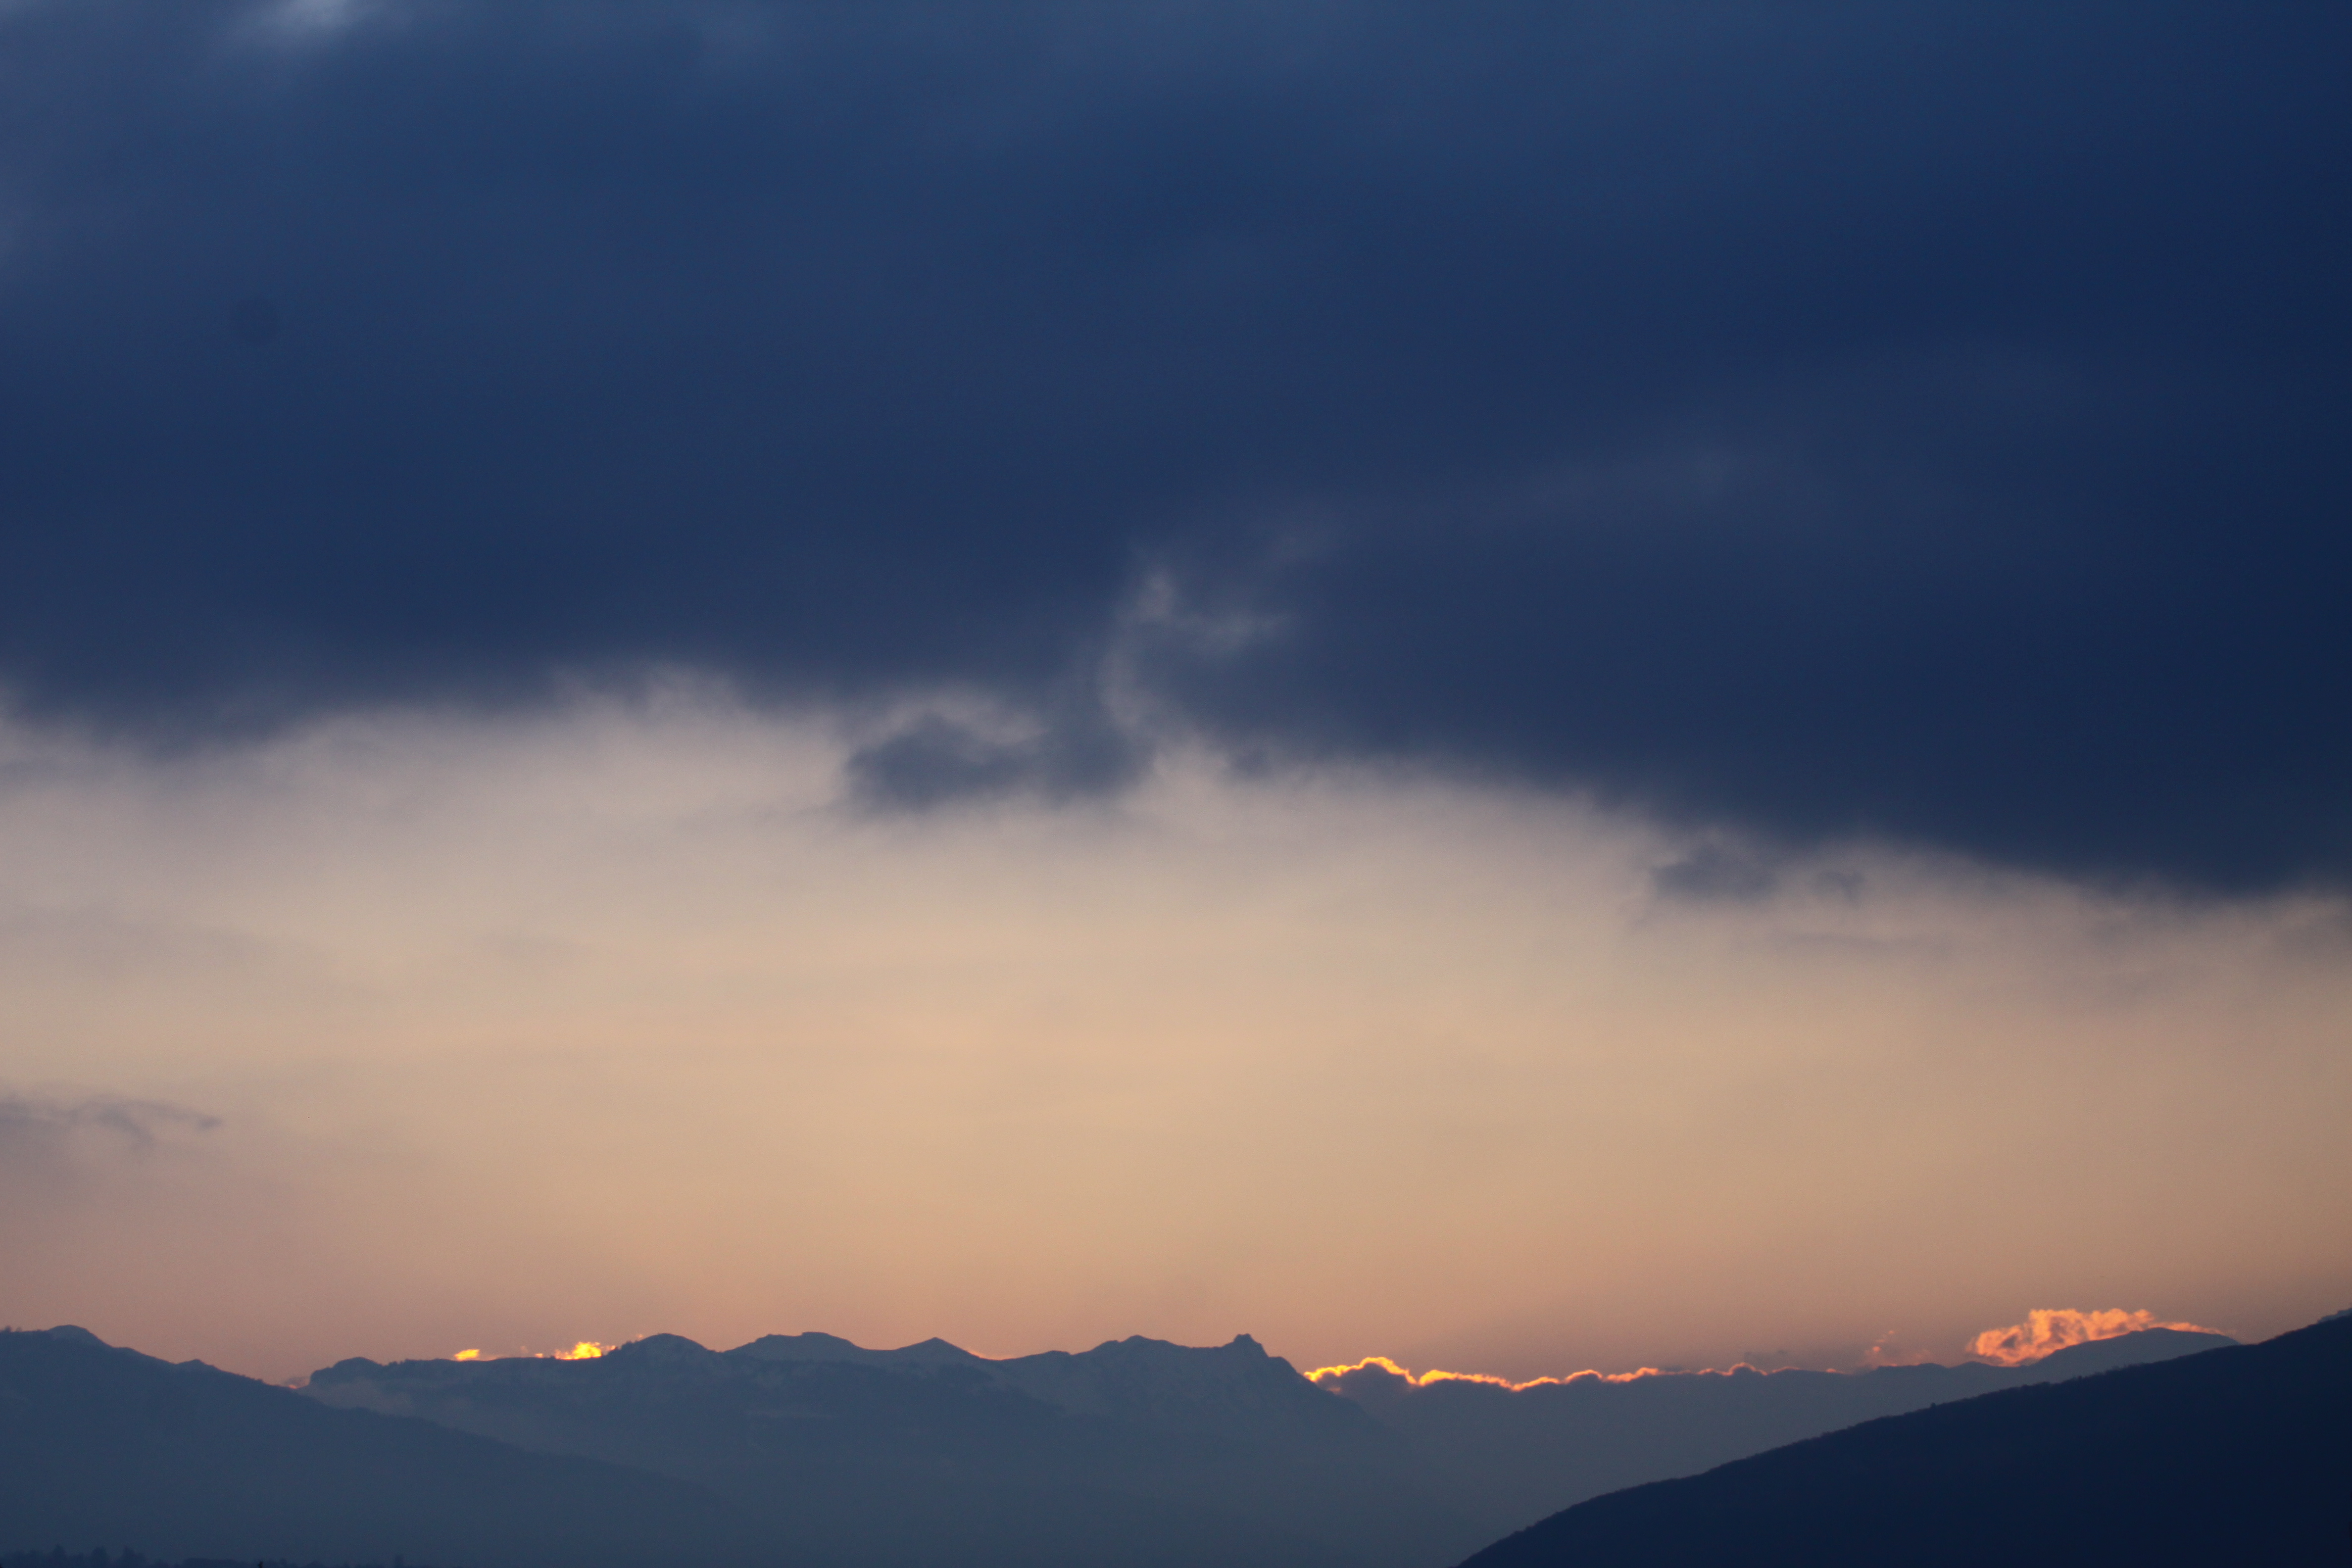 lever de soleil au-dessus des montages et des nuages